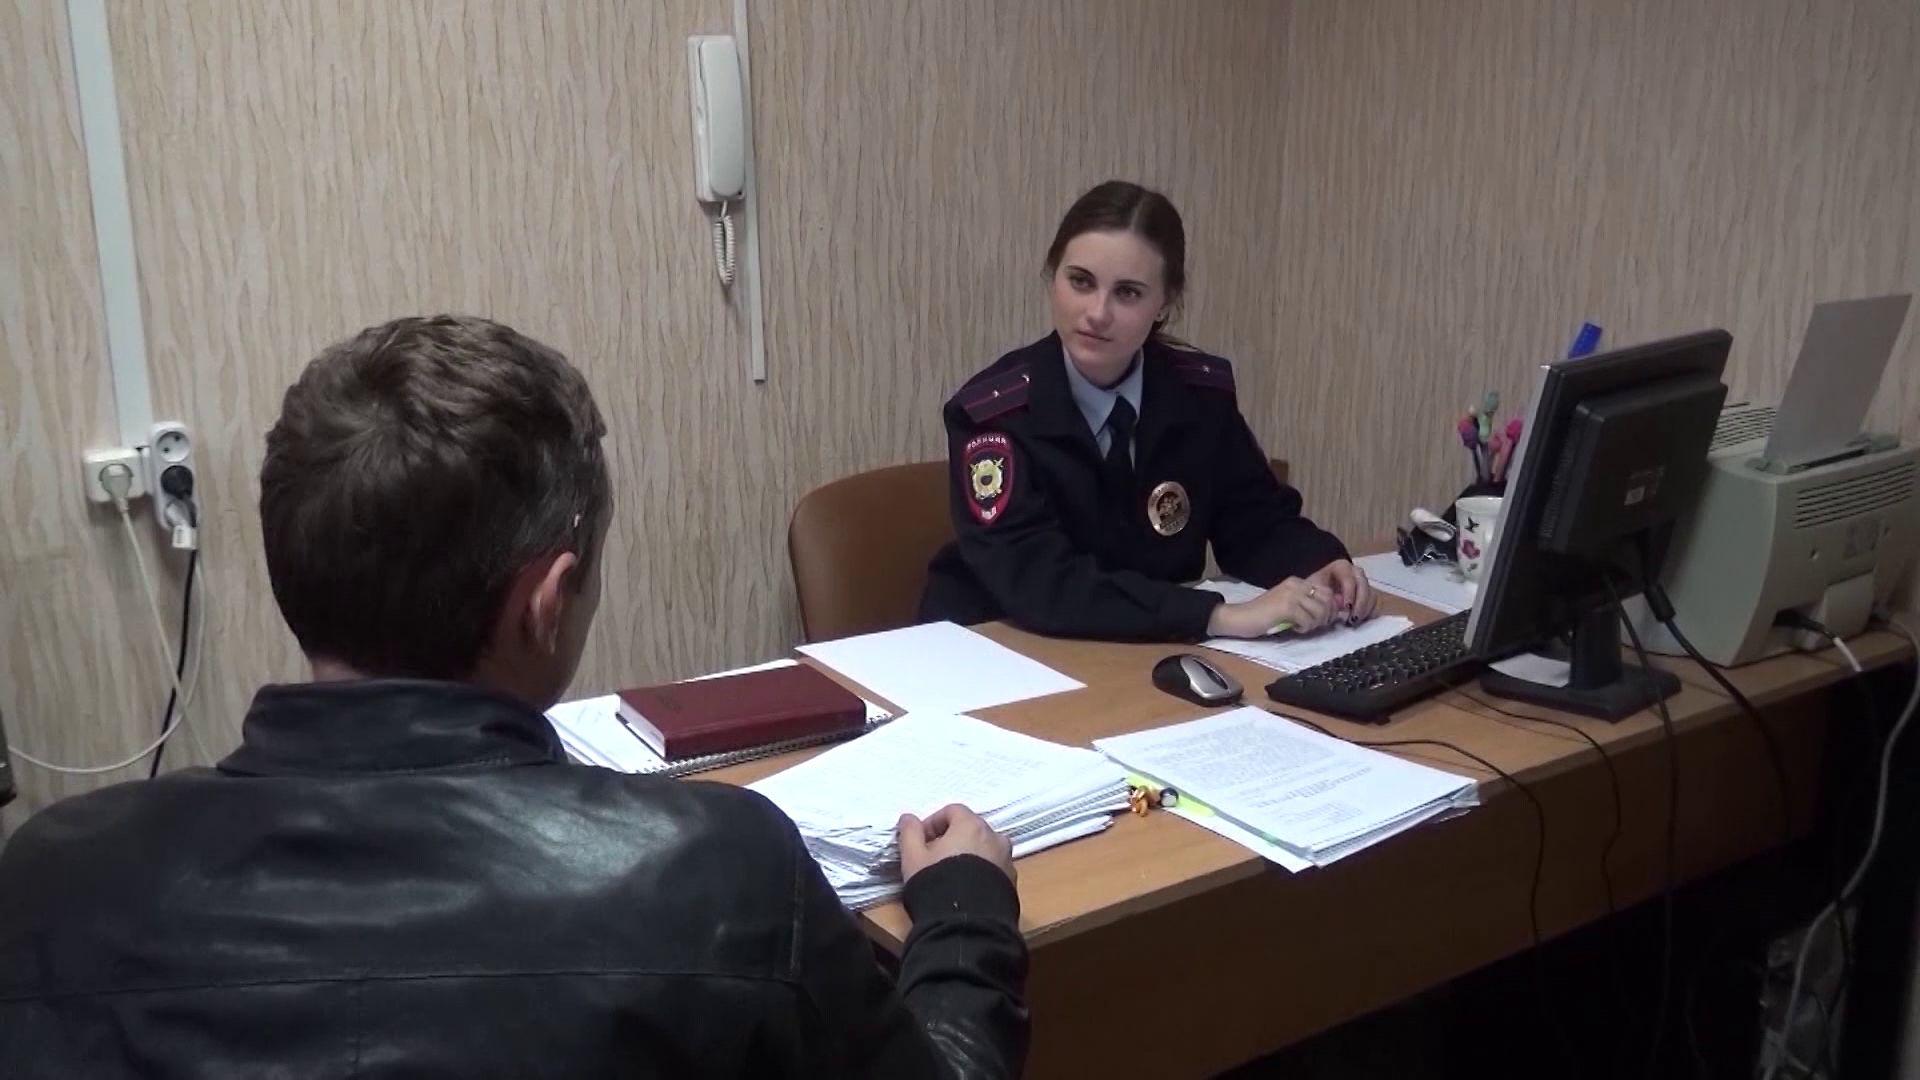 В поликлинике Ярославля рецидивист украл кошелек